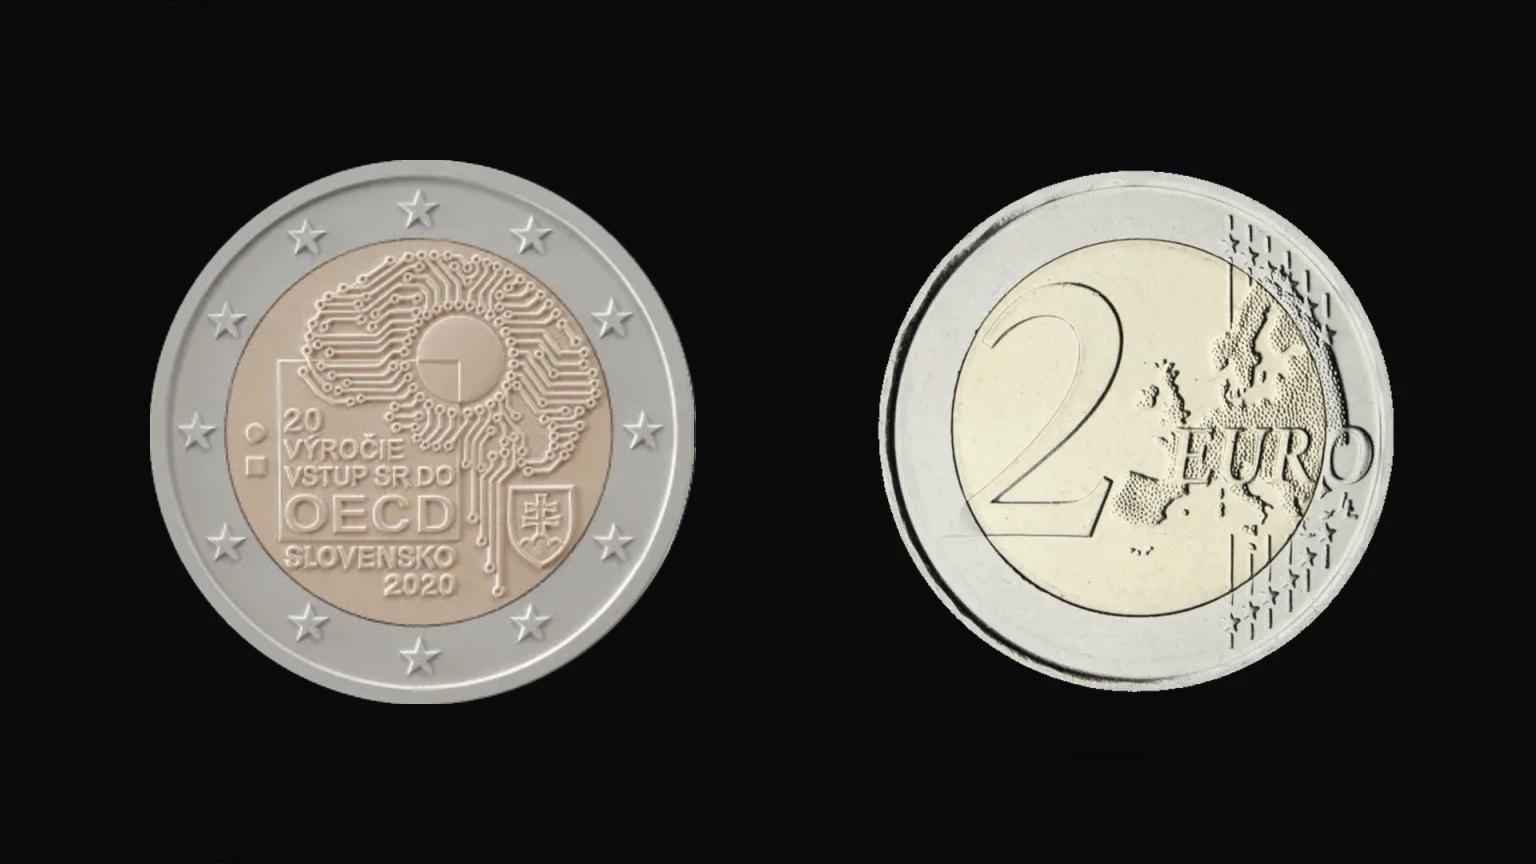 2 Euros Conmemorativos Eslovaquia 2020 Adhesión De Eslovaquia A La Ocde Ficha Completa Eslovaquia Fichas Euro